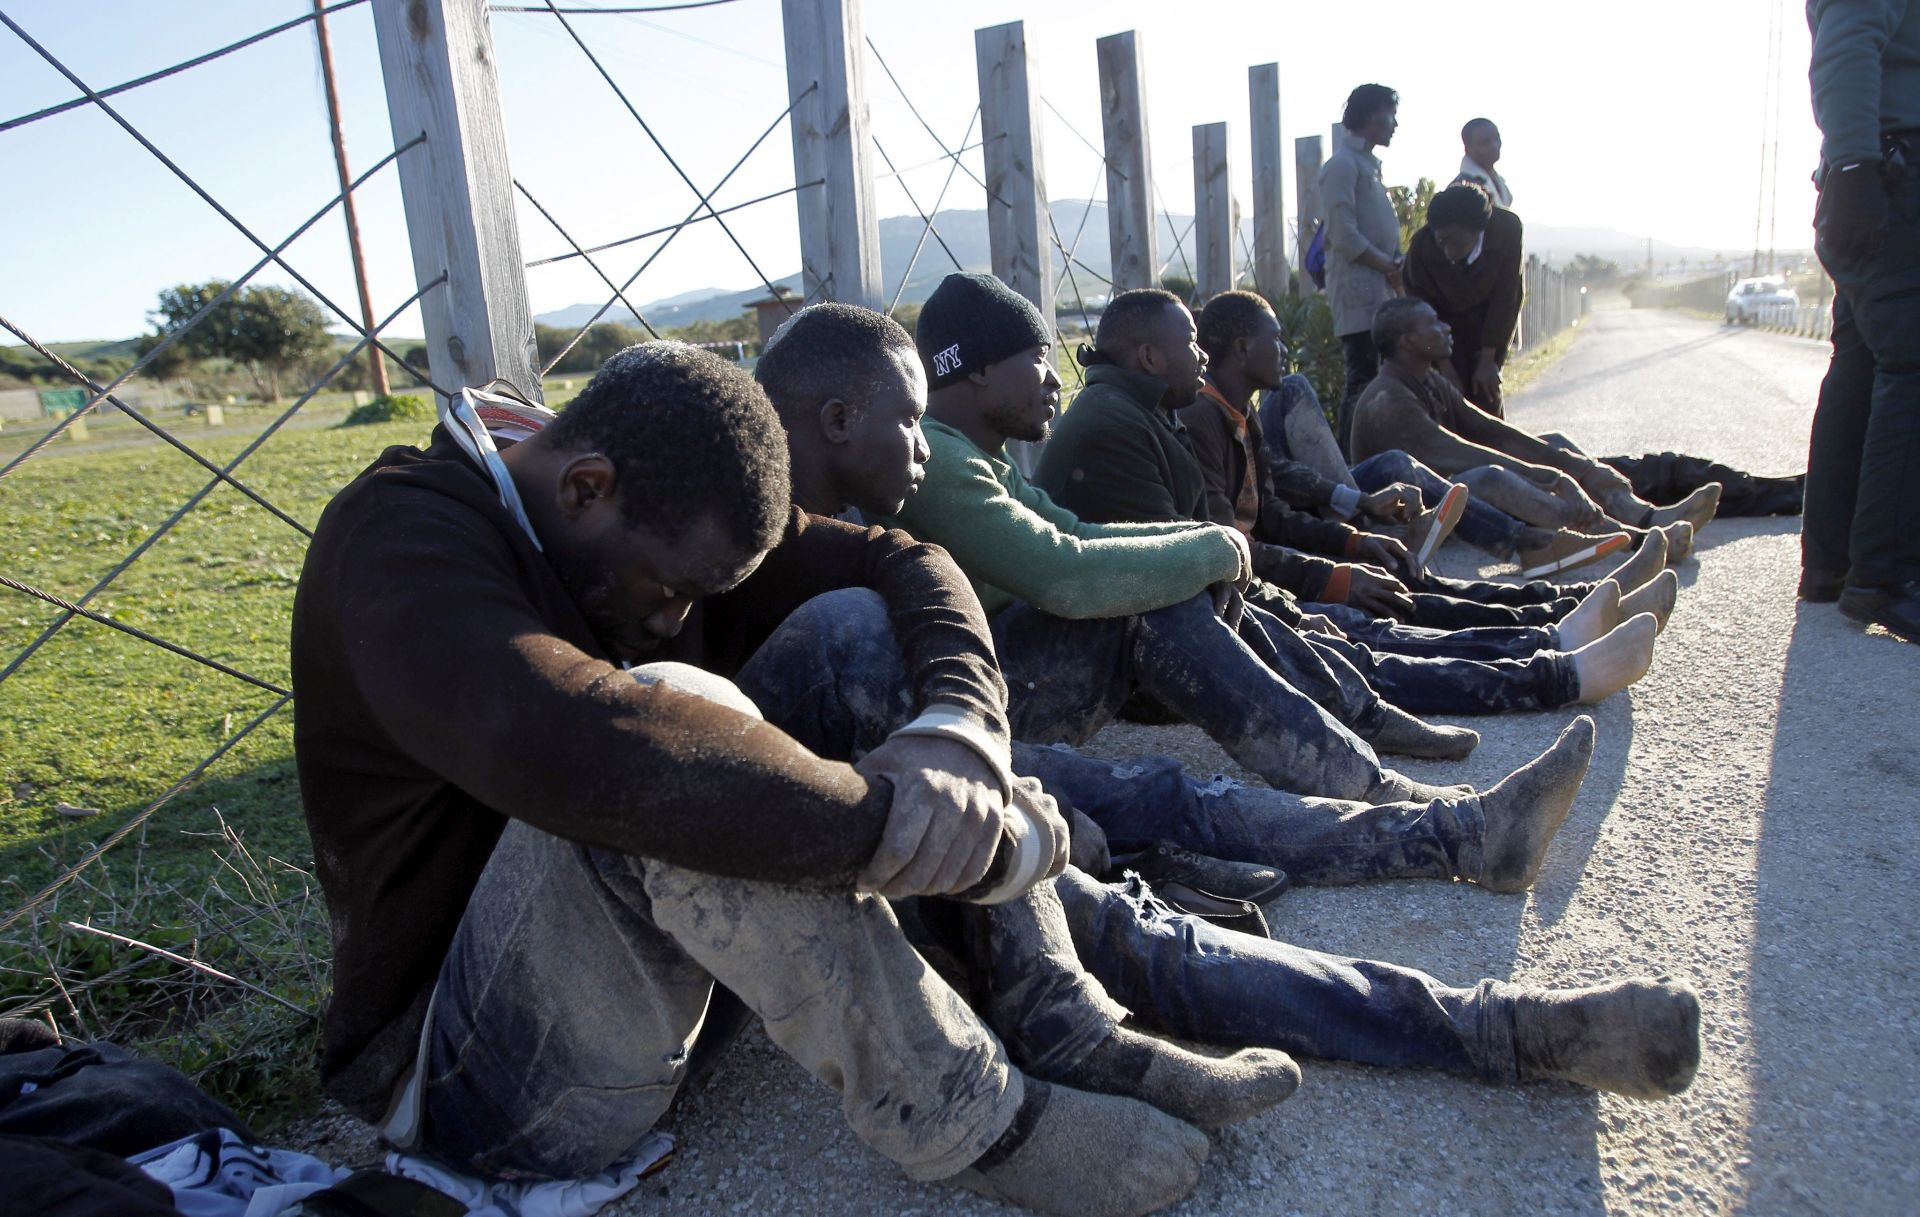 Mađarska kriminalizira pomaganje ilegalnim migrantima